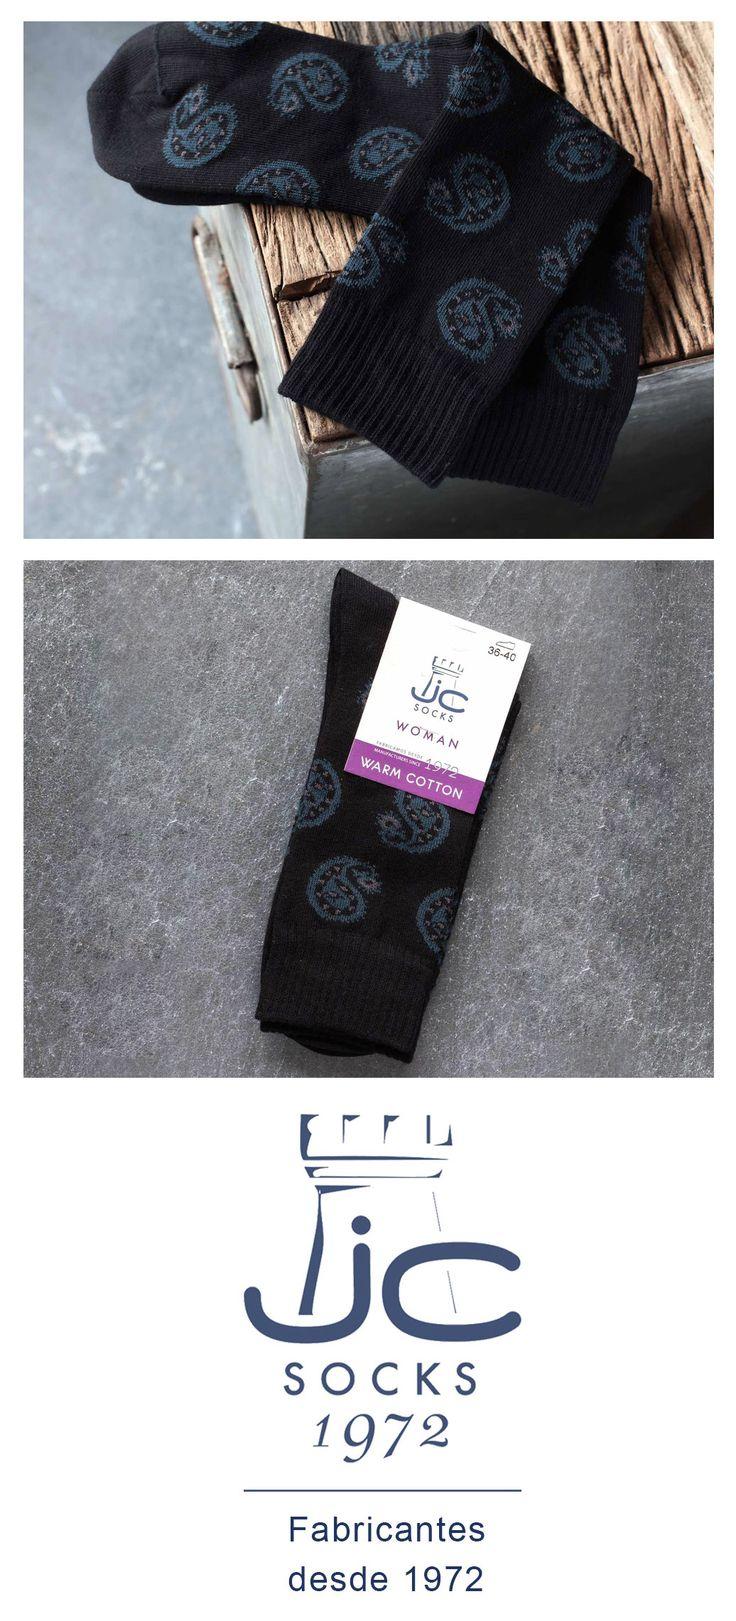 Calcetines mujer invierno. Fabricantes de calcetines desde 1972